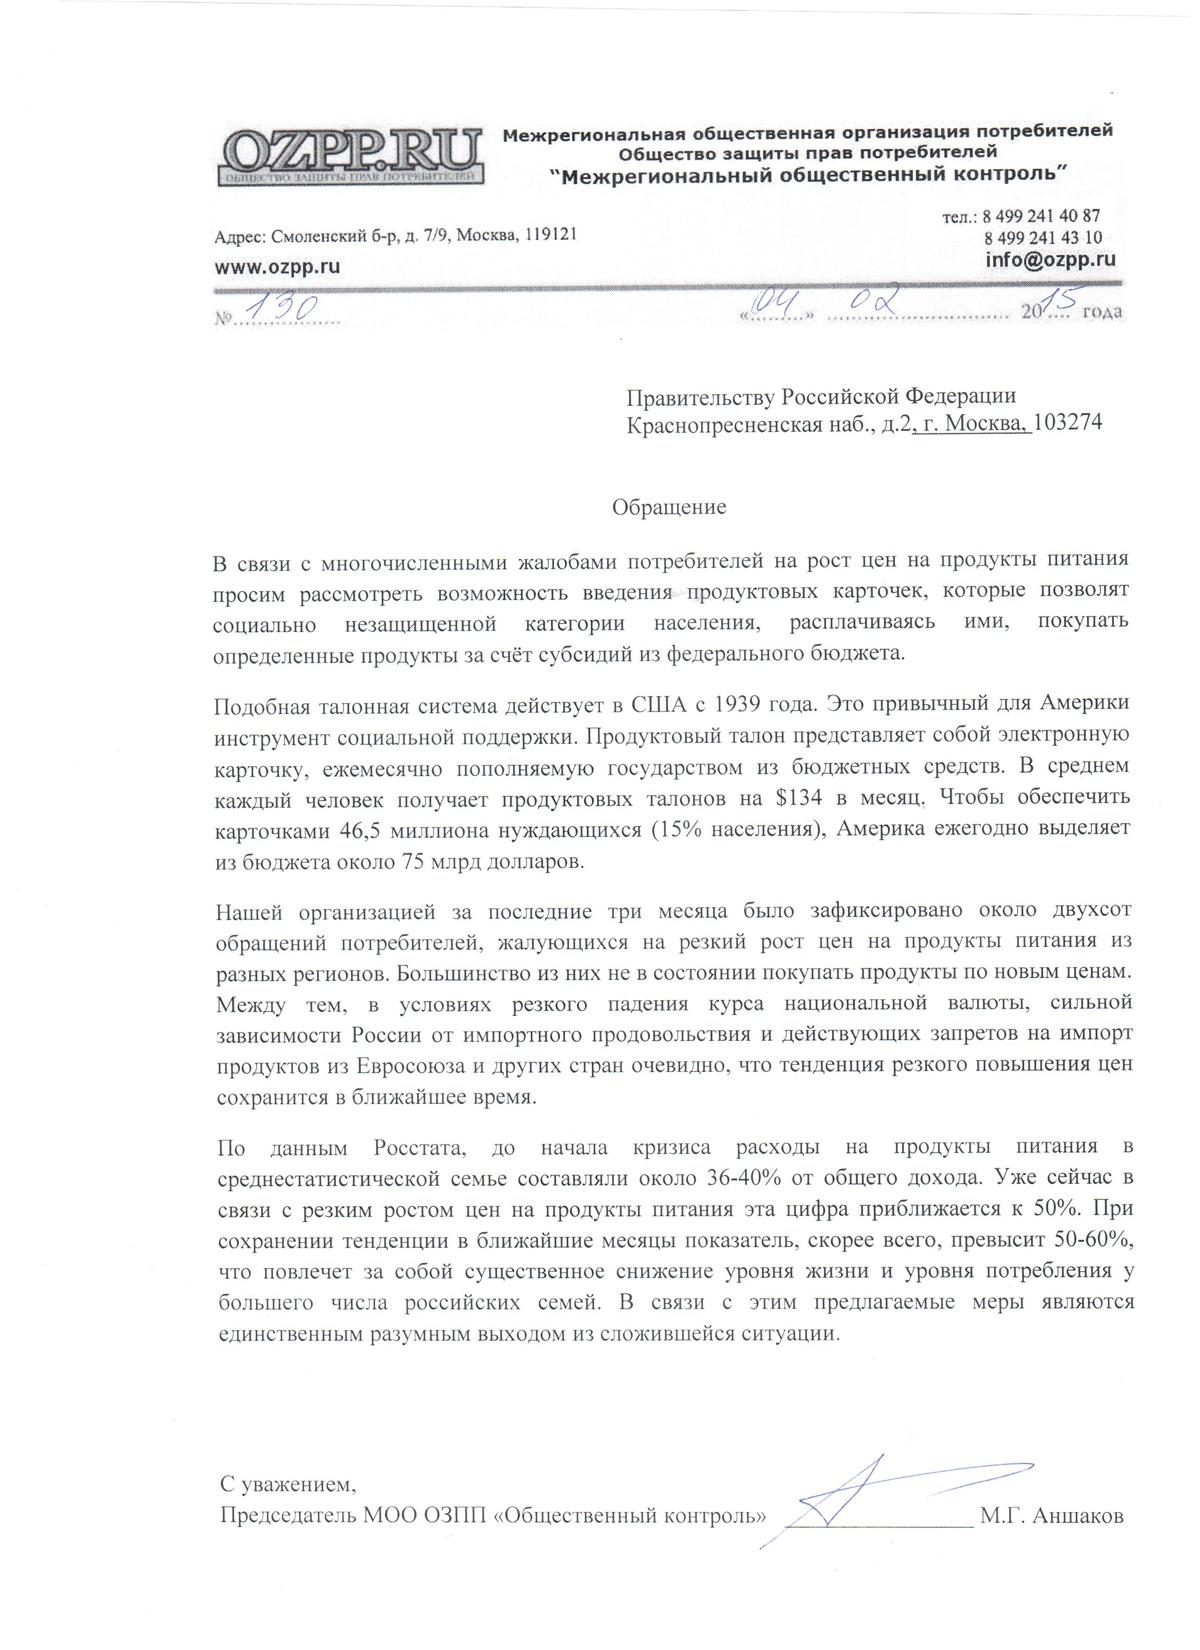 В России из-за инфляции предлагают ввести продуктовые карточки